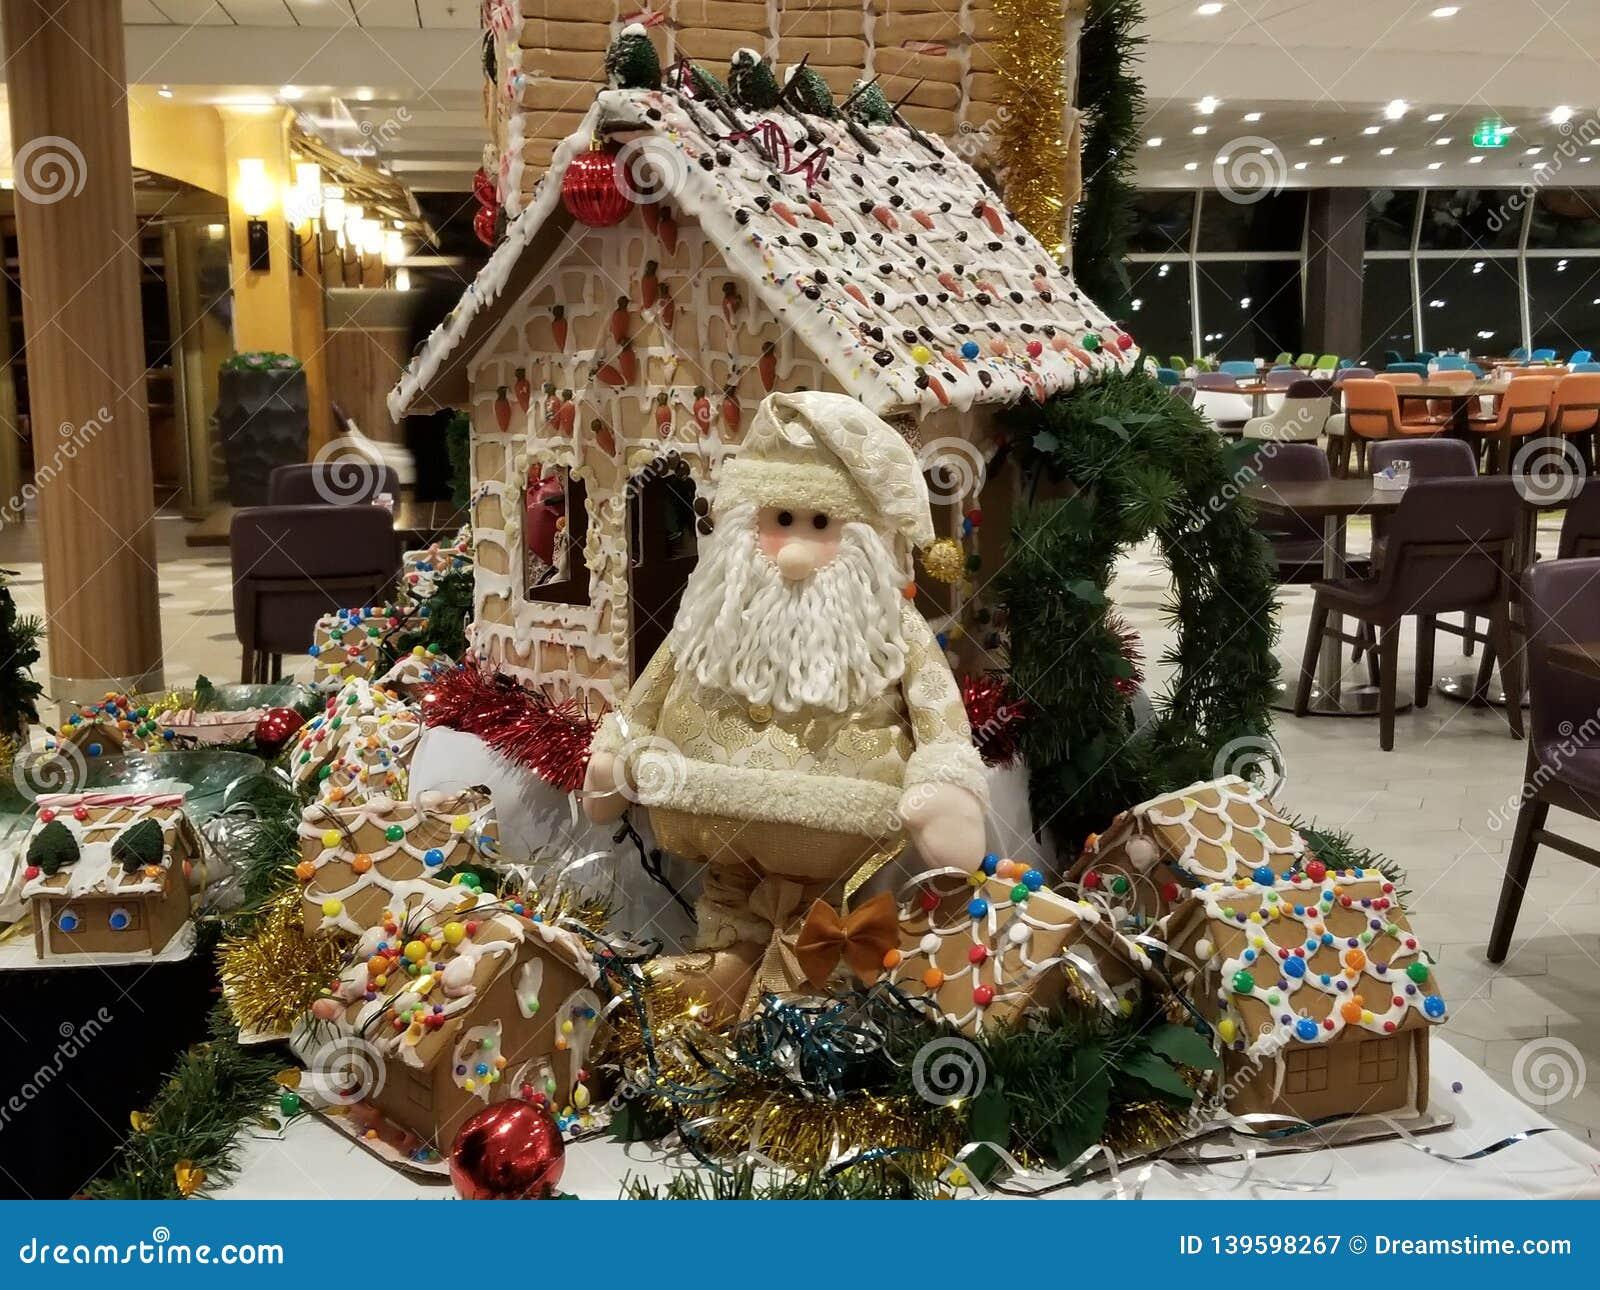 Santa and Gingerbread